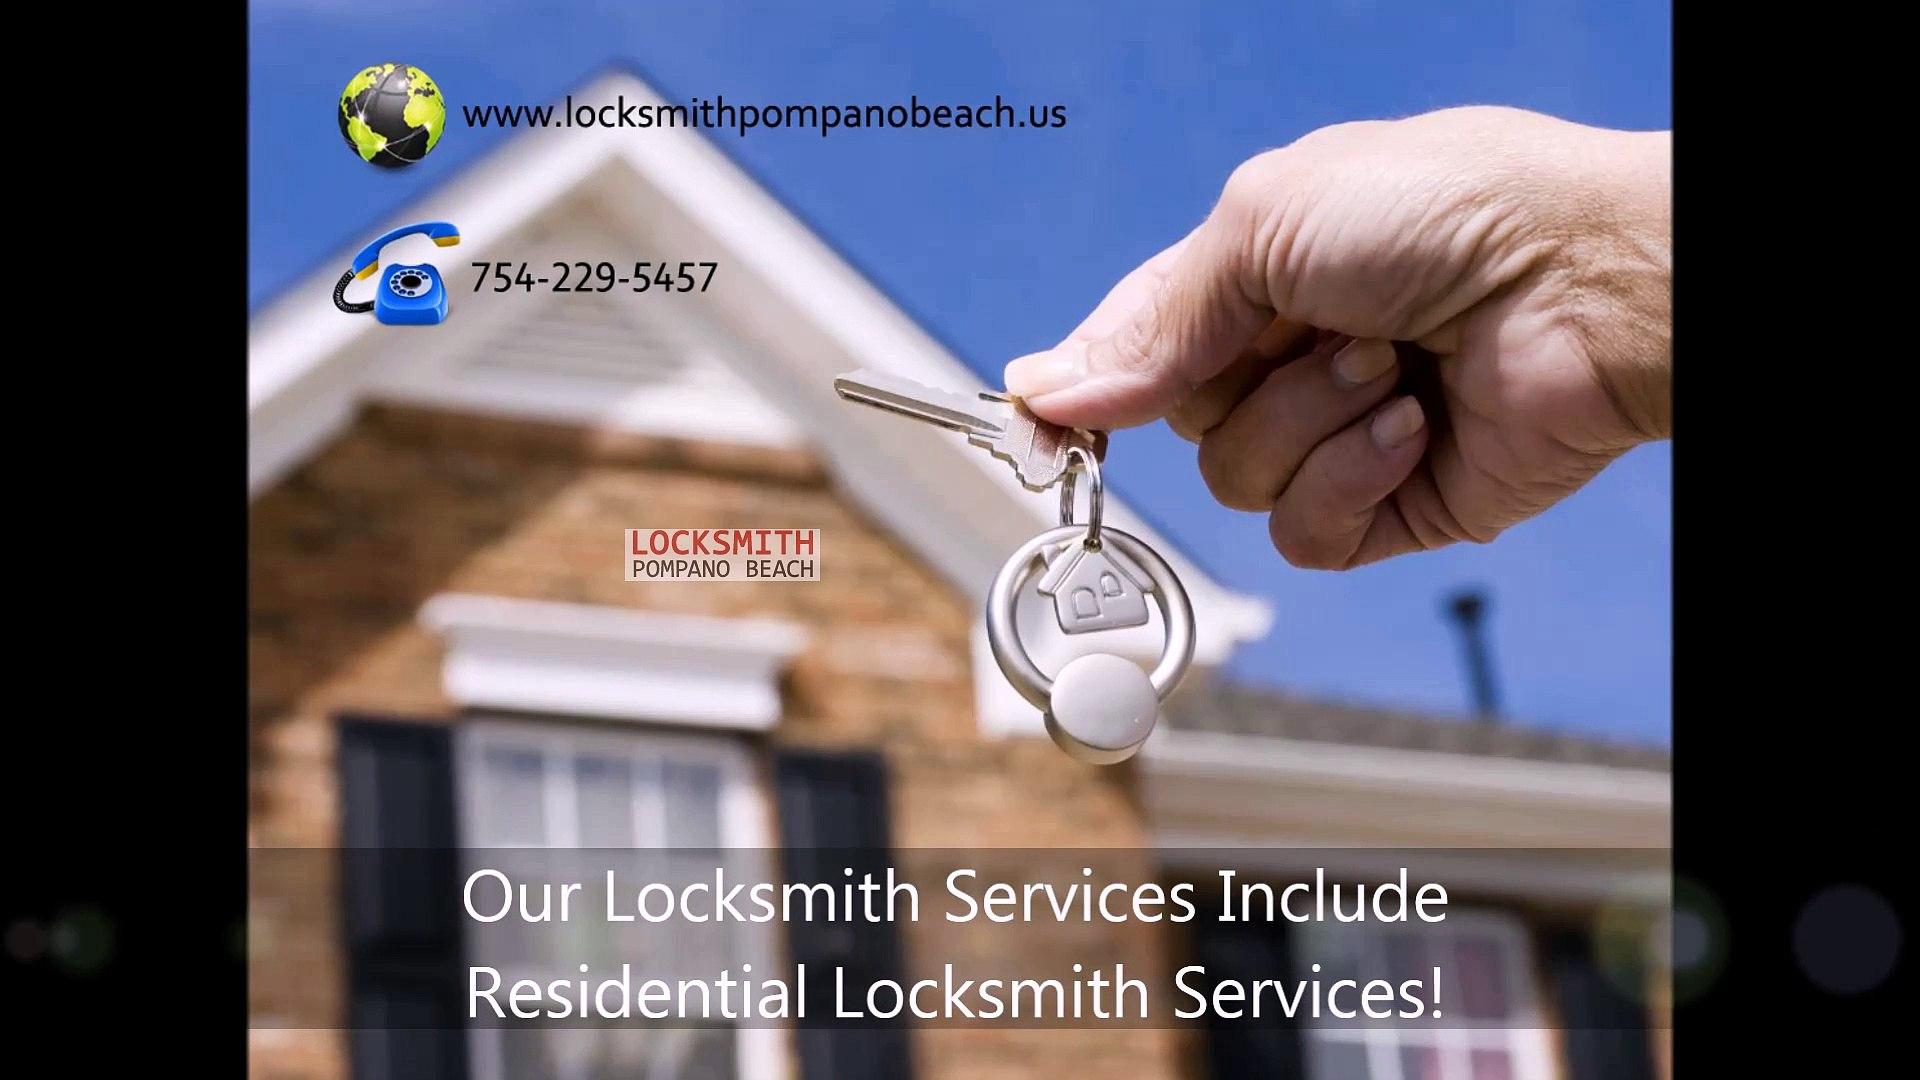 Locksmith Pompano Beach | (754) 229-5457